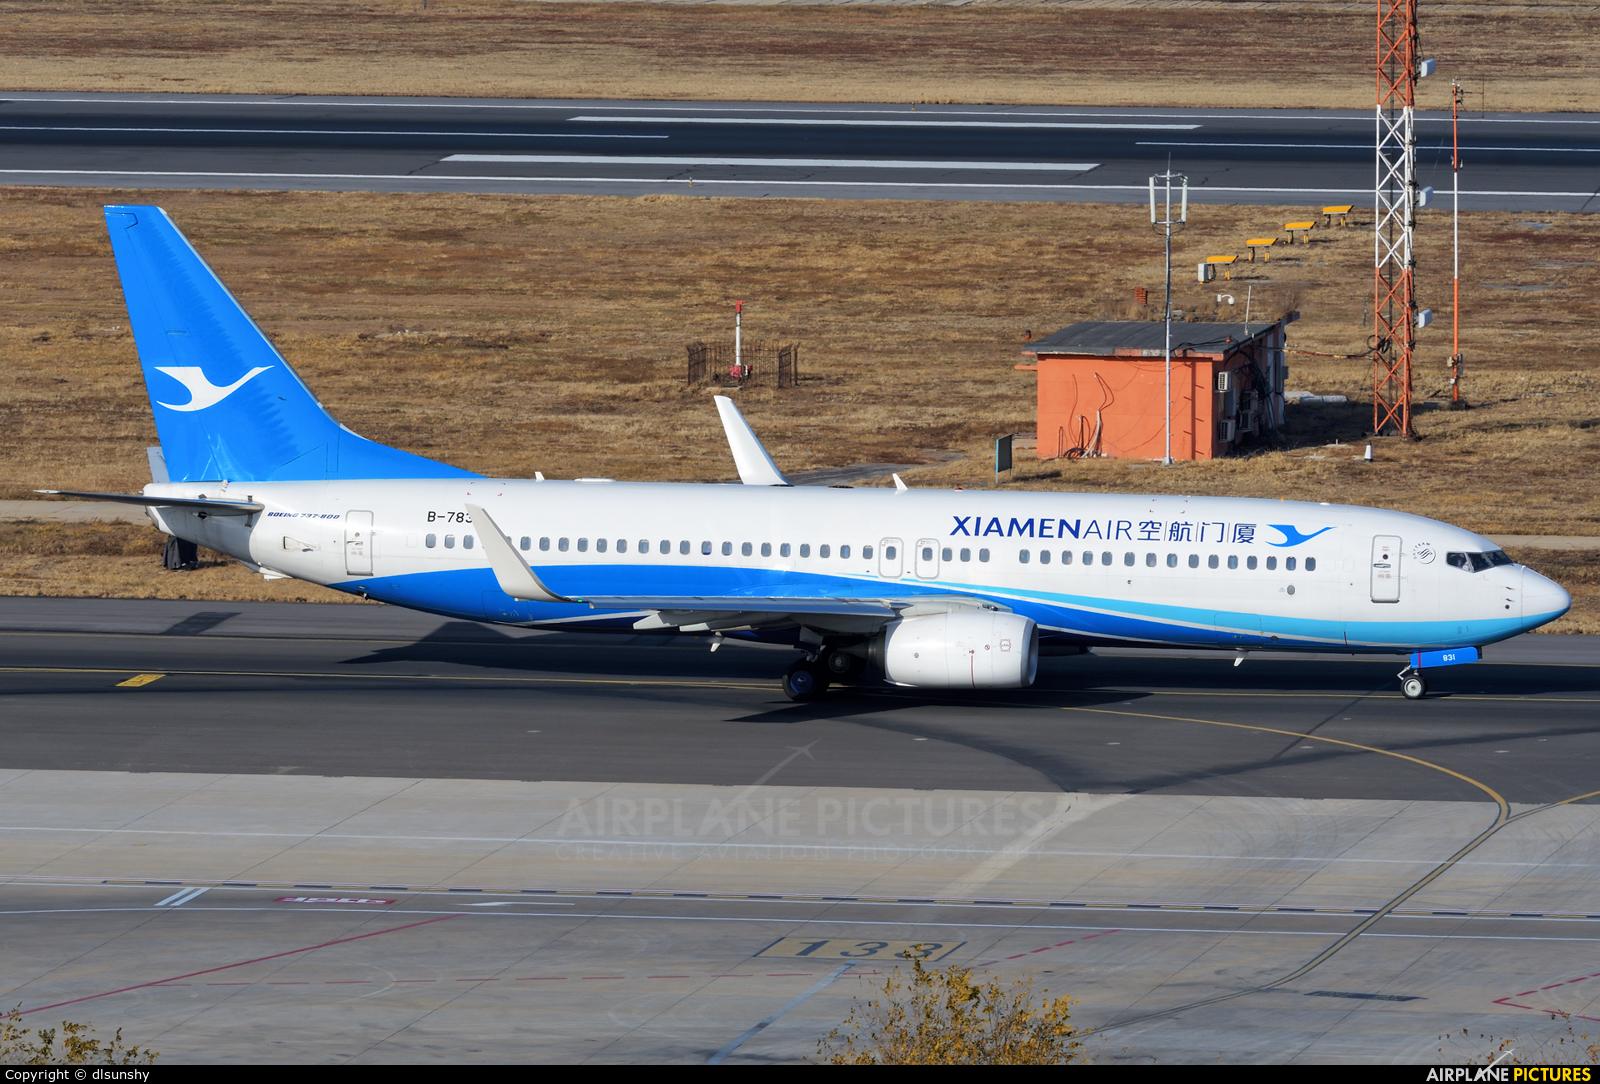 Xiamen Airlines B-7831 aircraft at Dalian Zhoushuizi Int'l